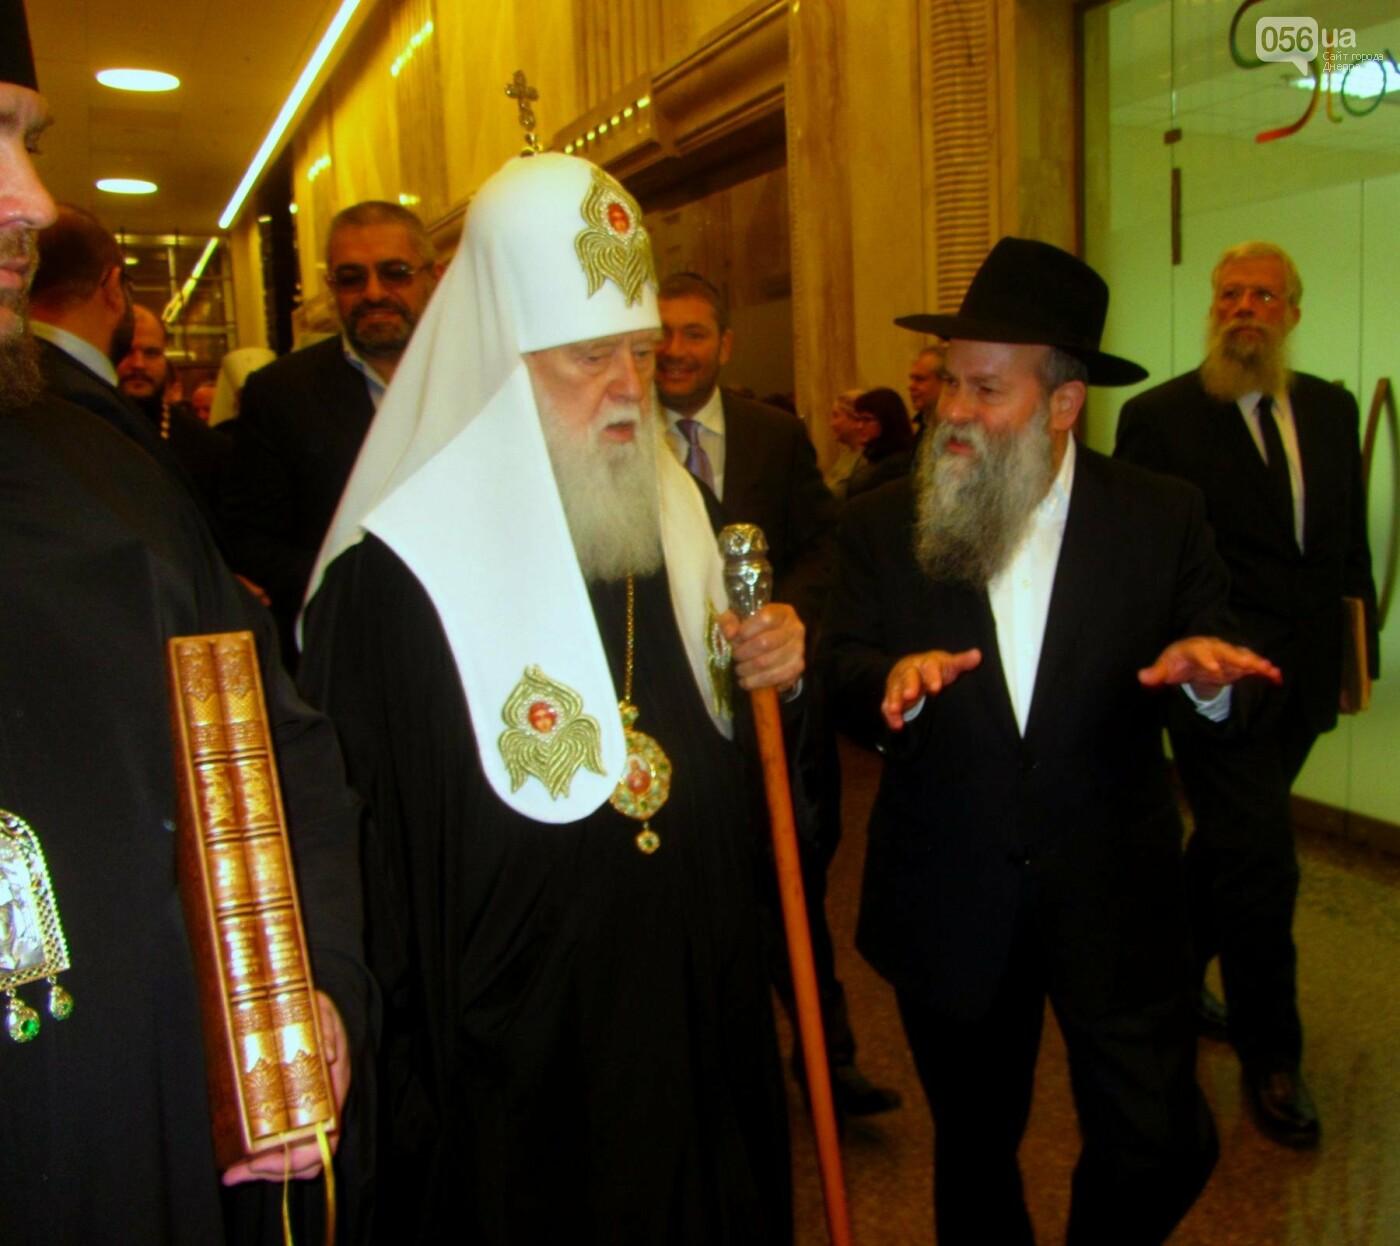 Патриарх Филарет в Днепре: об агрессии, коррупции и межконфессиональном диалоге (ФОТО), фото-6